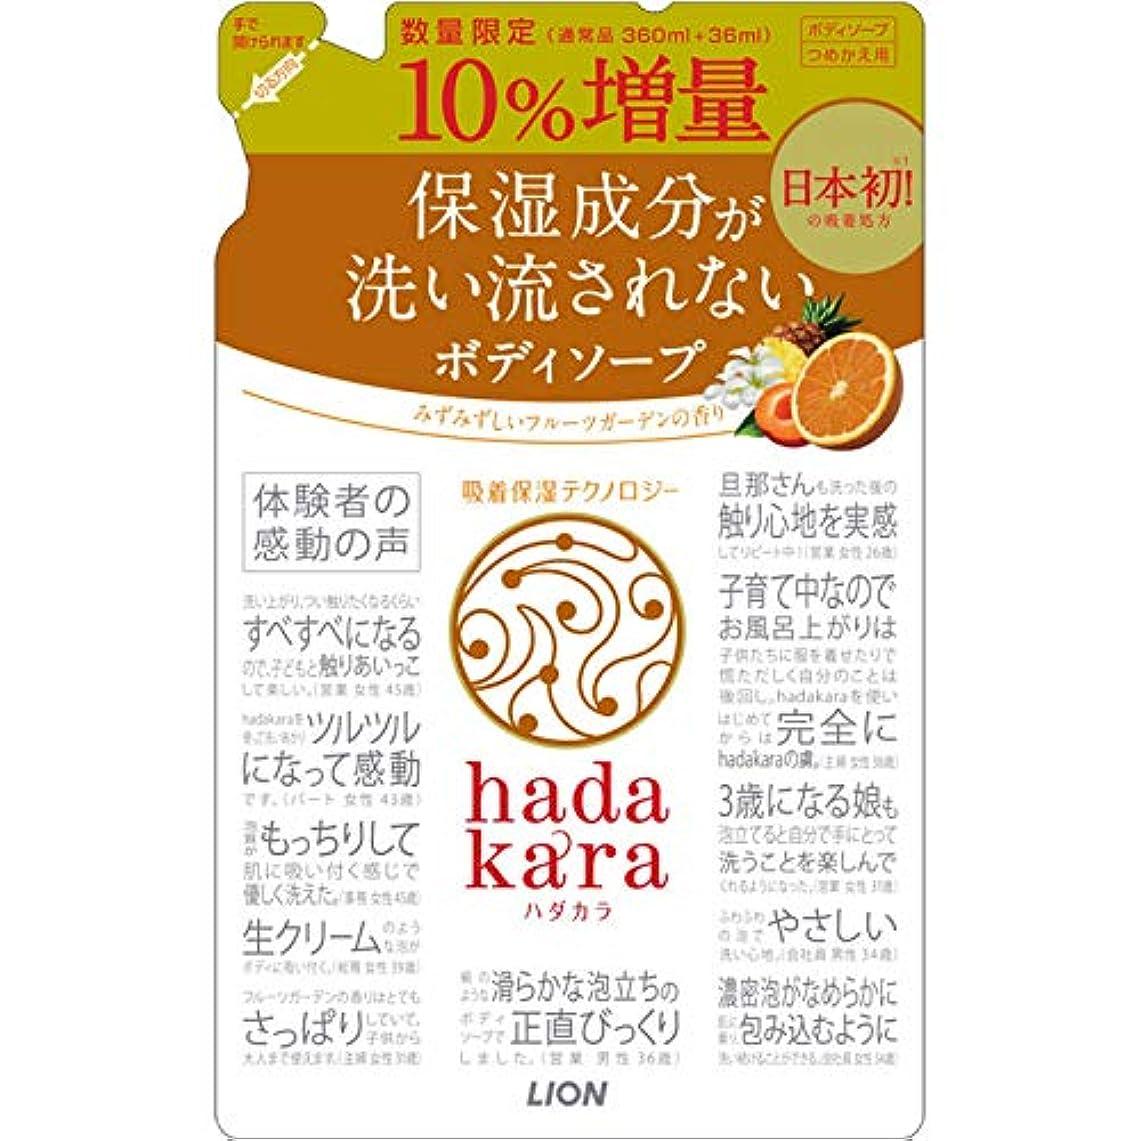 差別霧深い早める【数量限定】hadakara(ハダカラ) ボディソープ フルーツガーデンの香り つめかえ用 10%増量 396ml